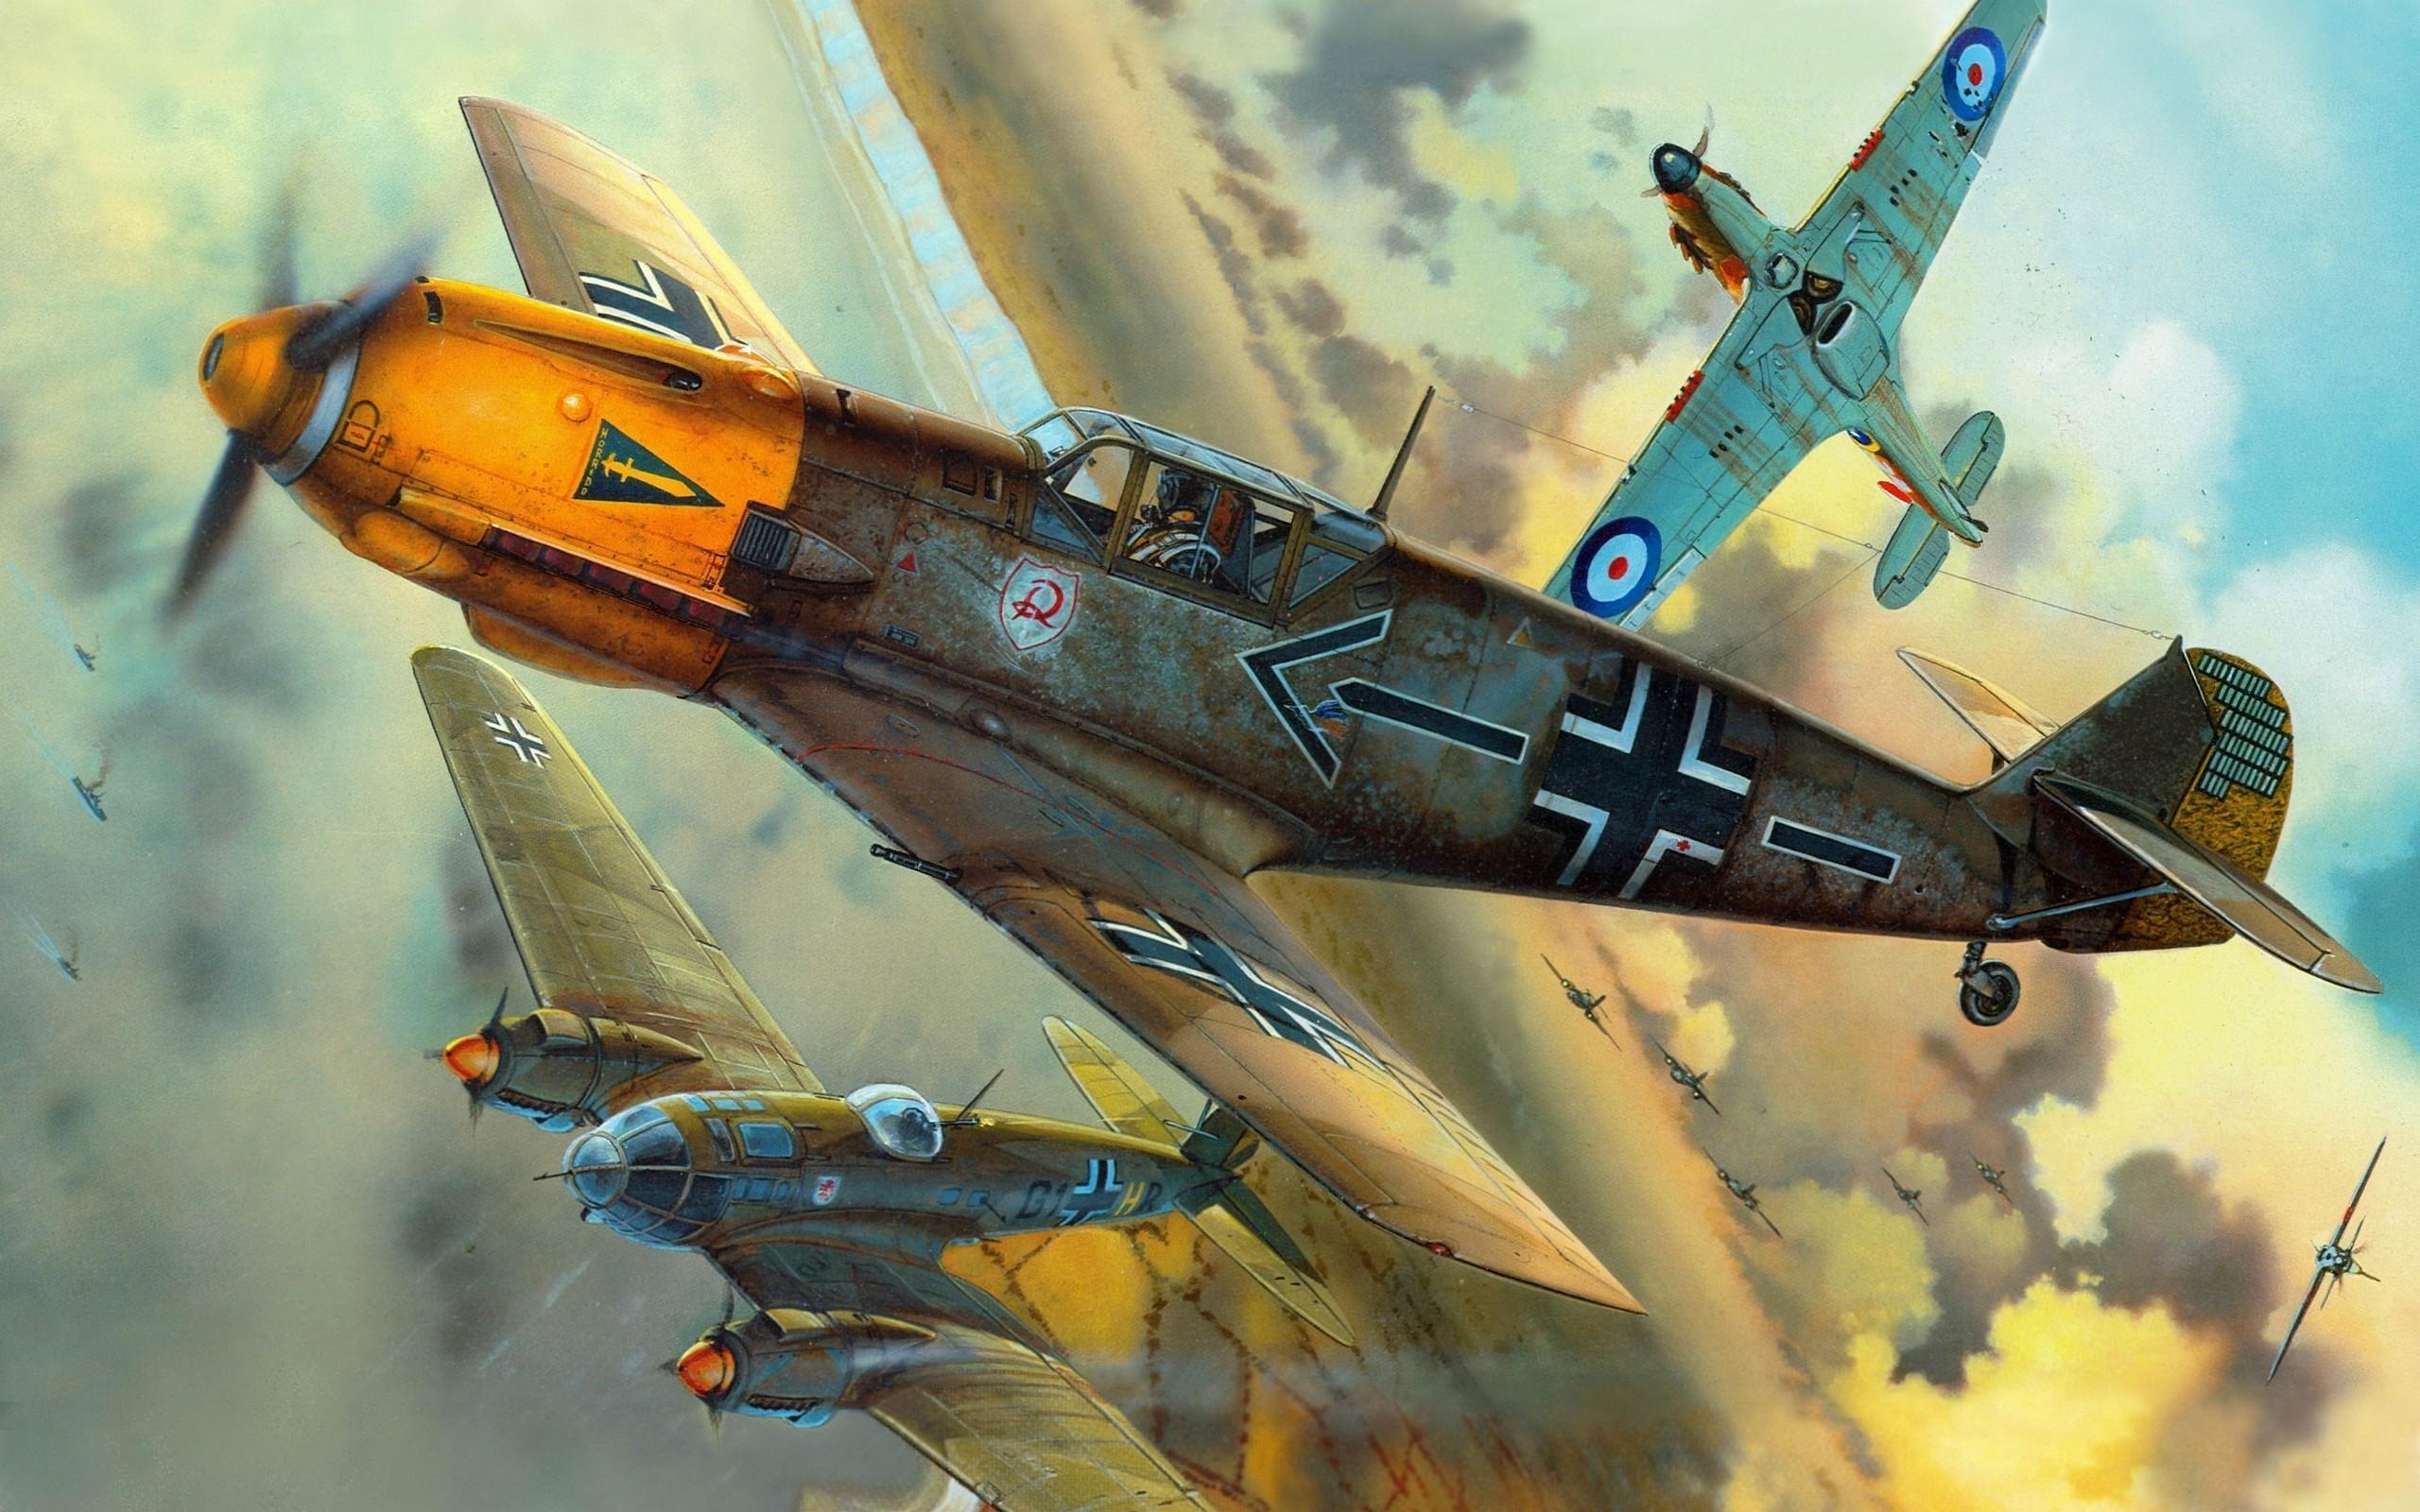 Messerschmitt, Messerschmitt Bf 109, Luftwaffe, Aircraft, Military,  Artwork, Military Aircraft, World War II, Germany, Heinkel, Heinkel He 111,  …